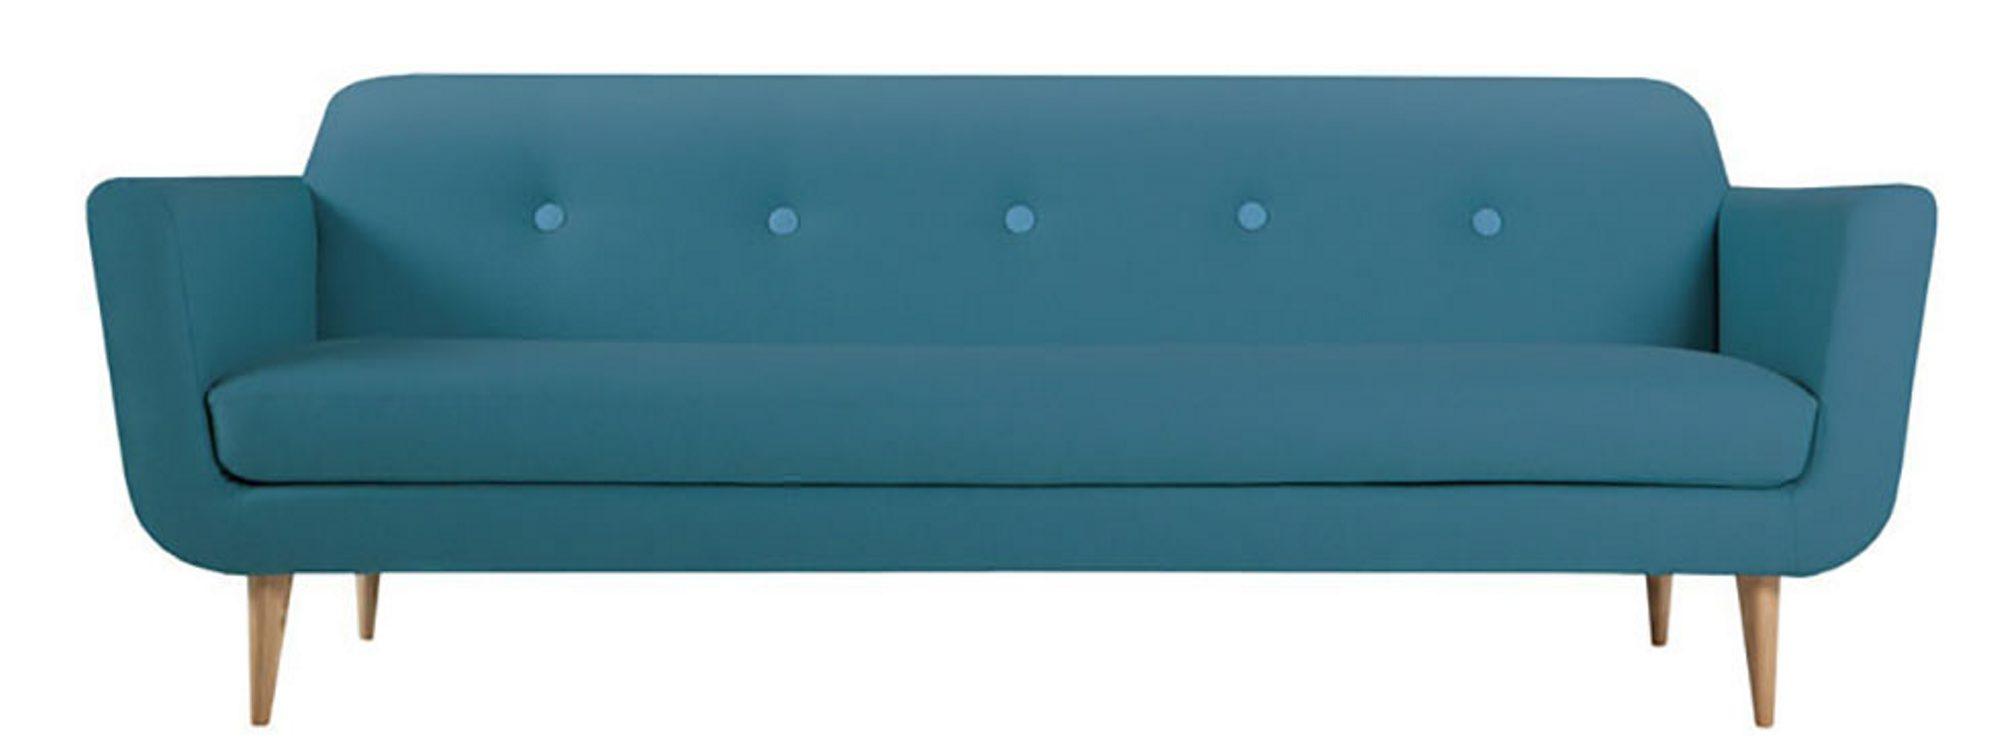 Sofa med personlighet – rom123